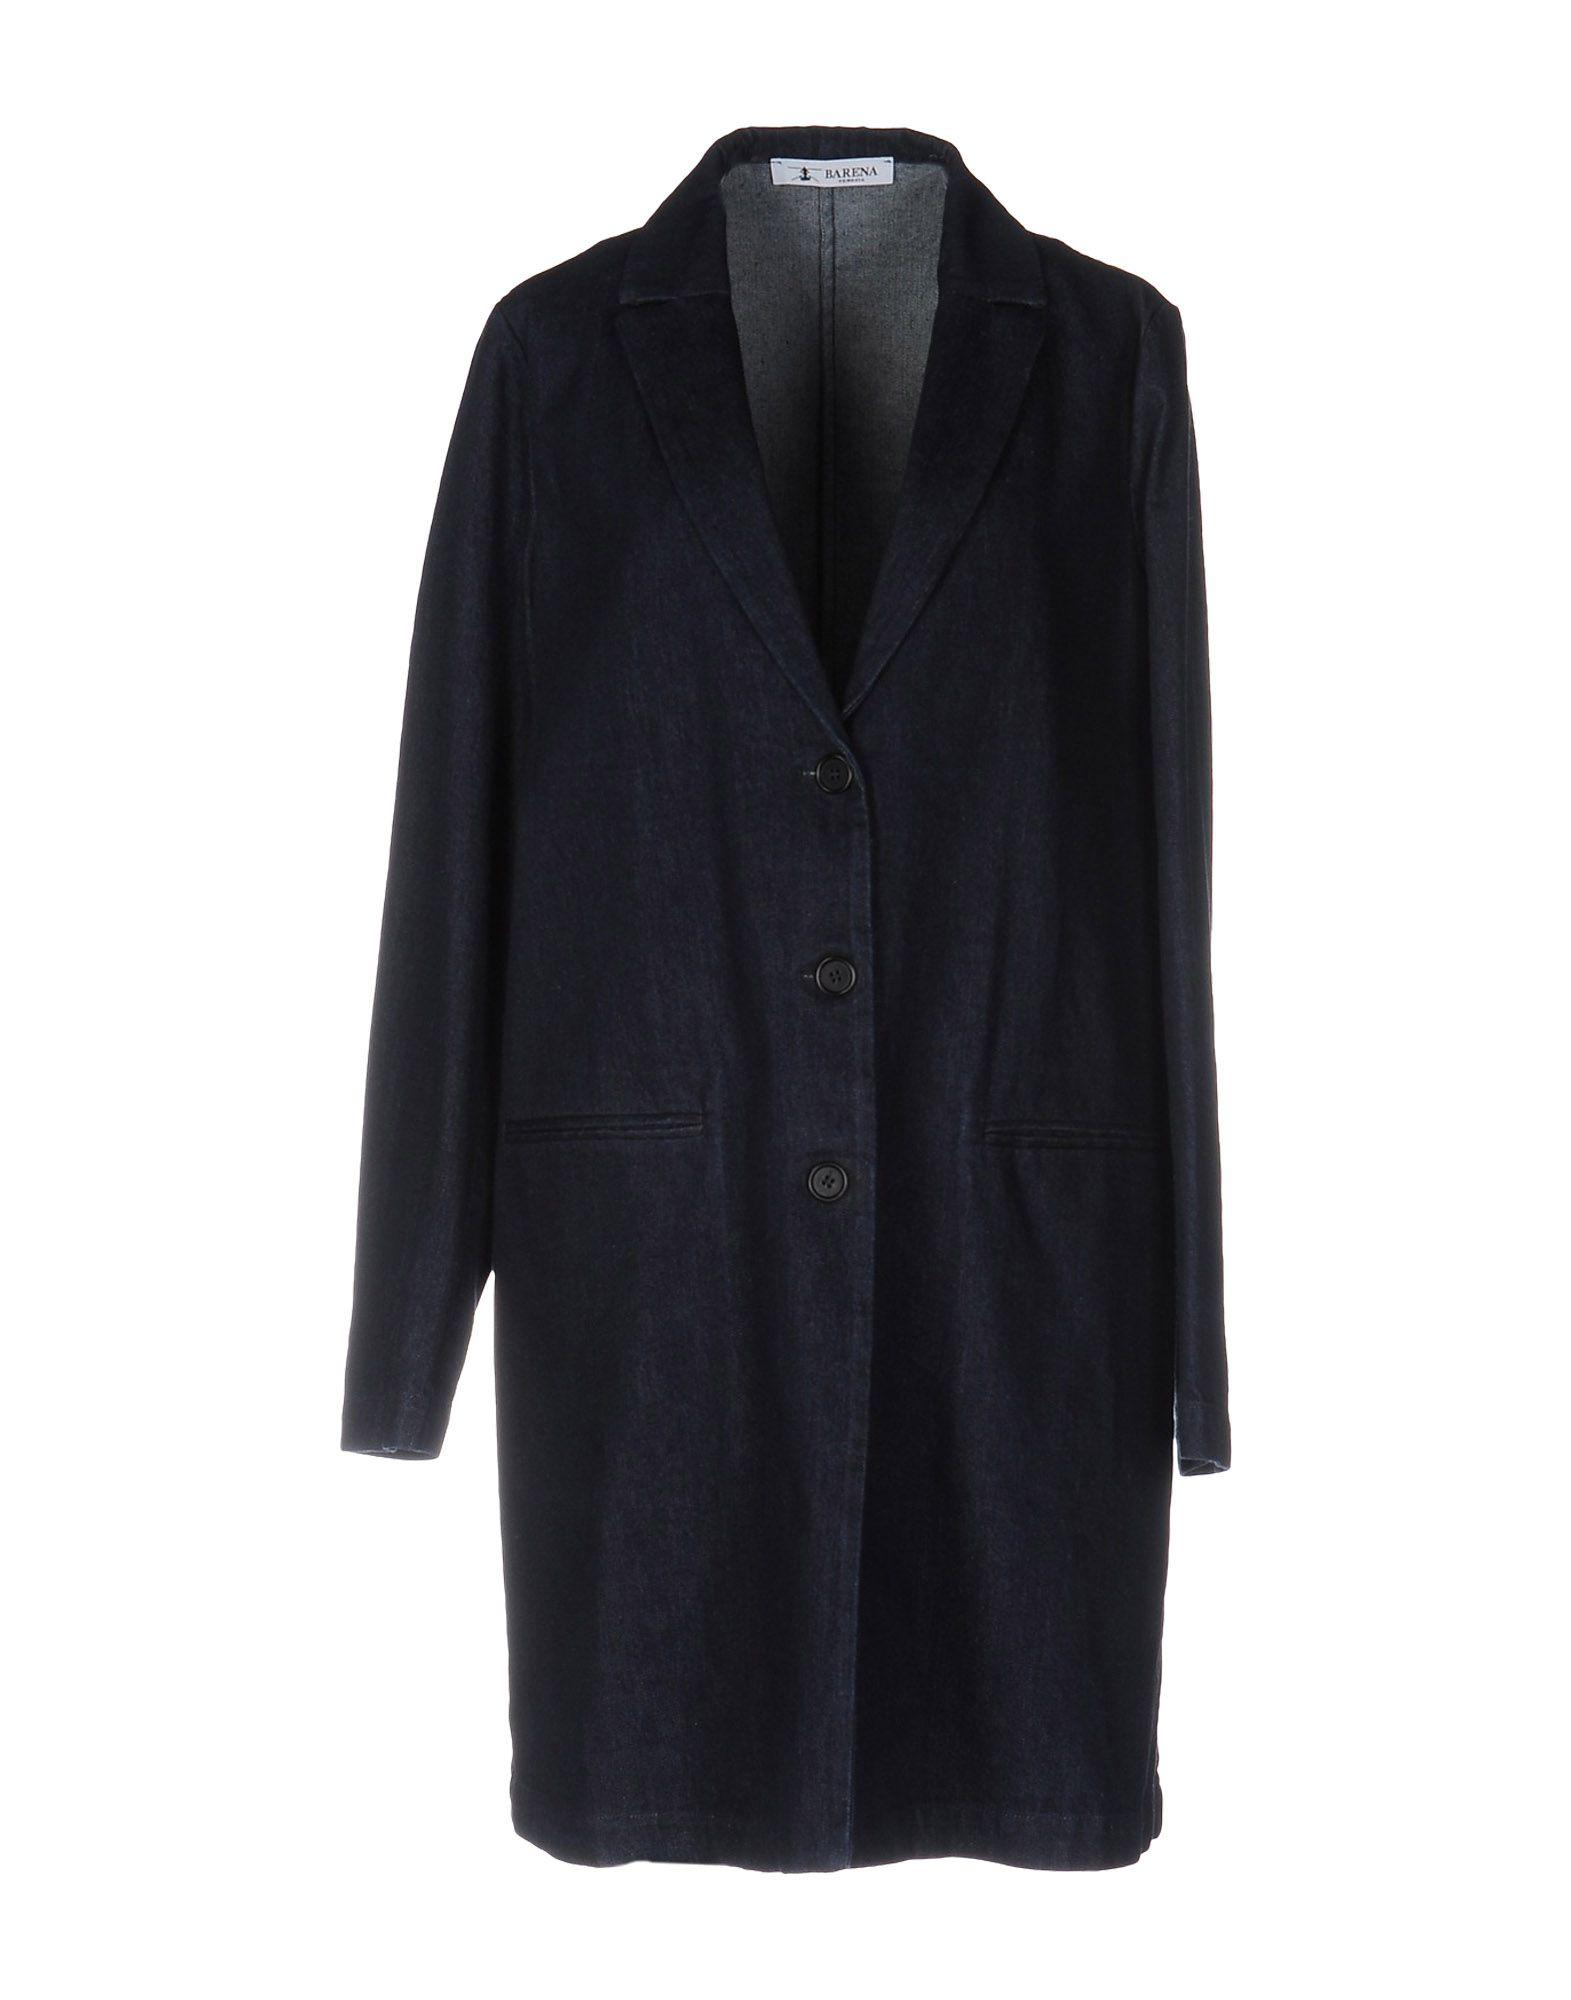 BARENA Джинсовая верхняя одежда брендовая одежда